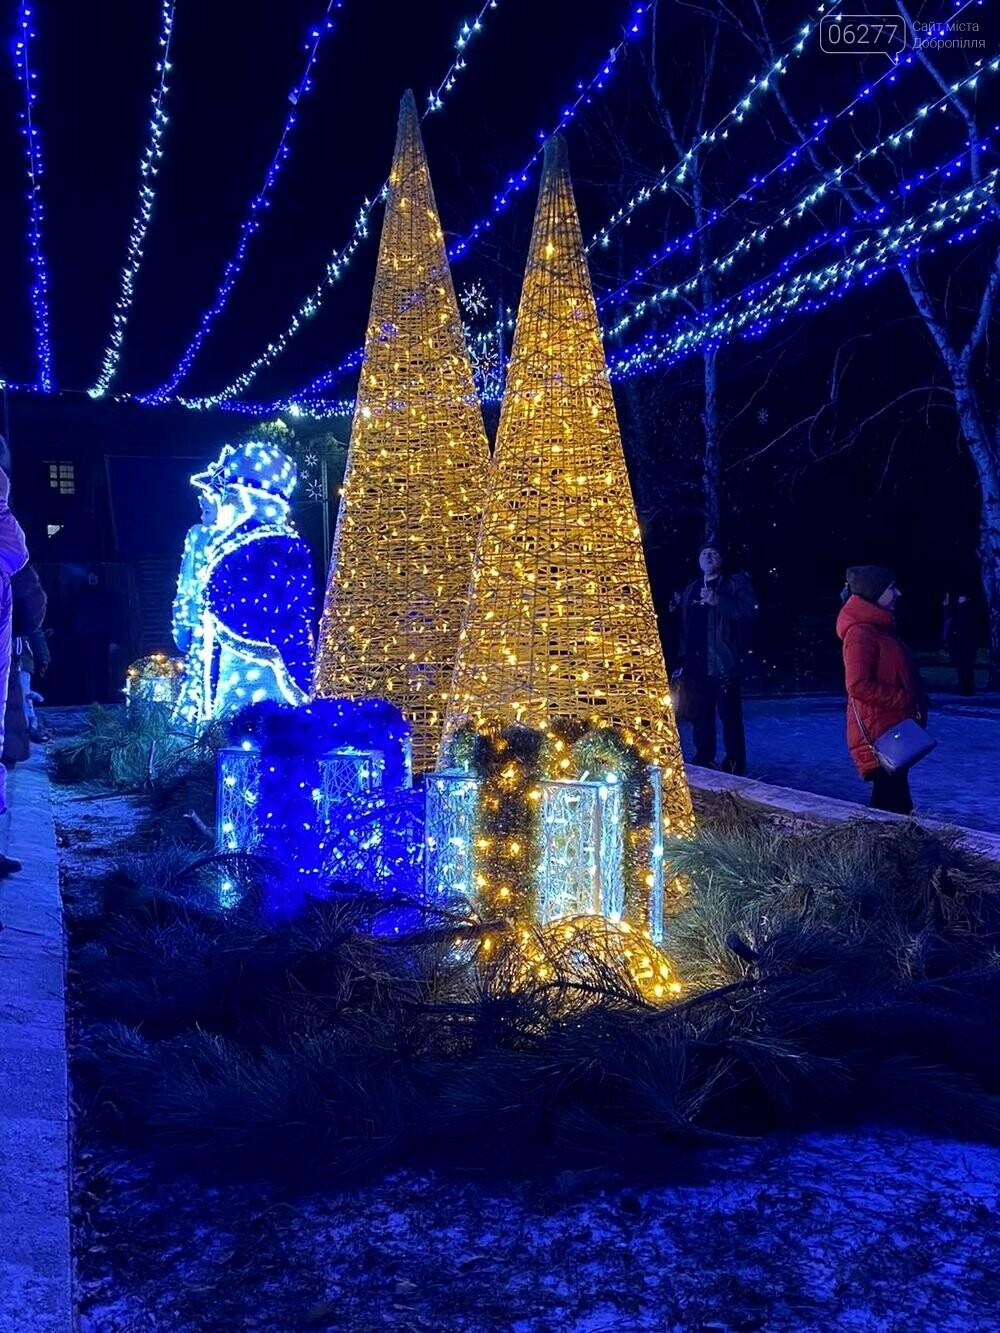 Зимове місто запалює вогні: у Добропіллі засяяла новорічна ялинка, фото-2